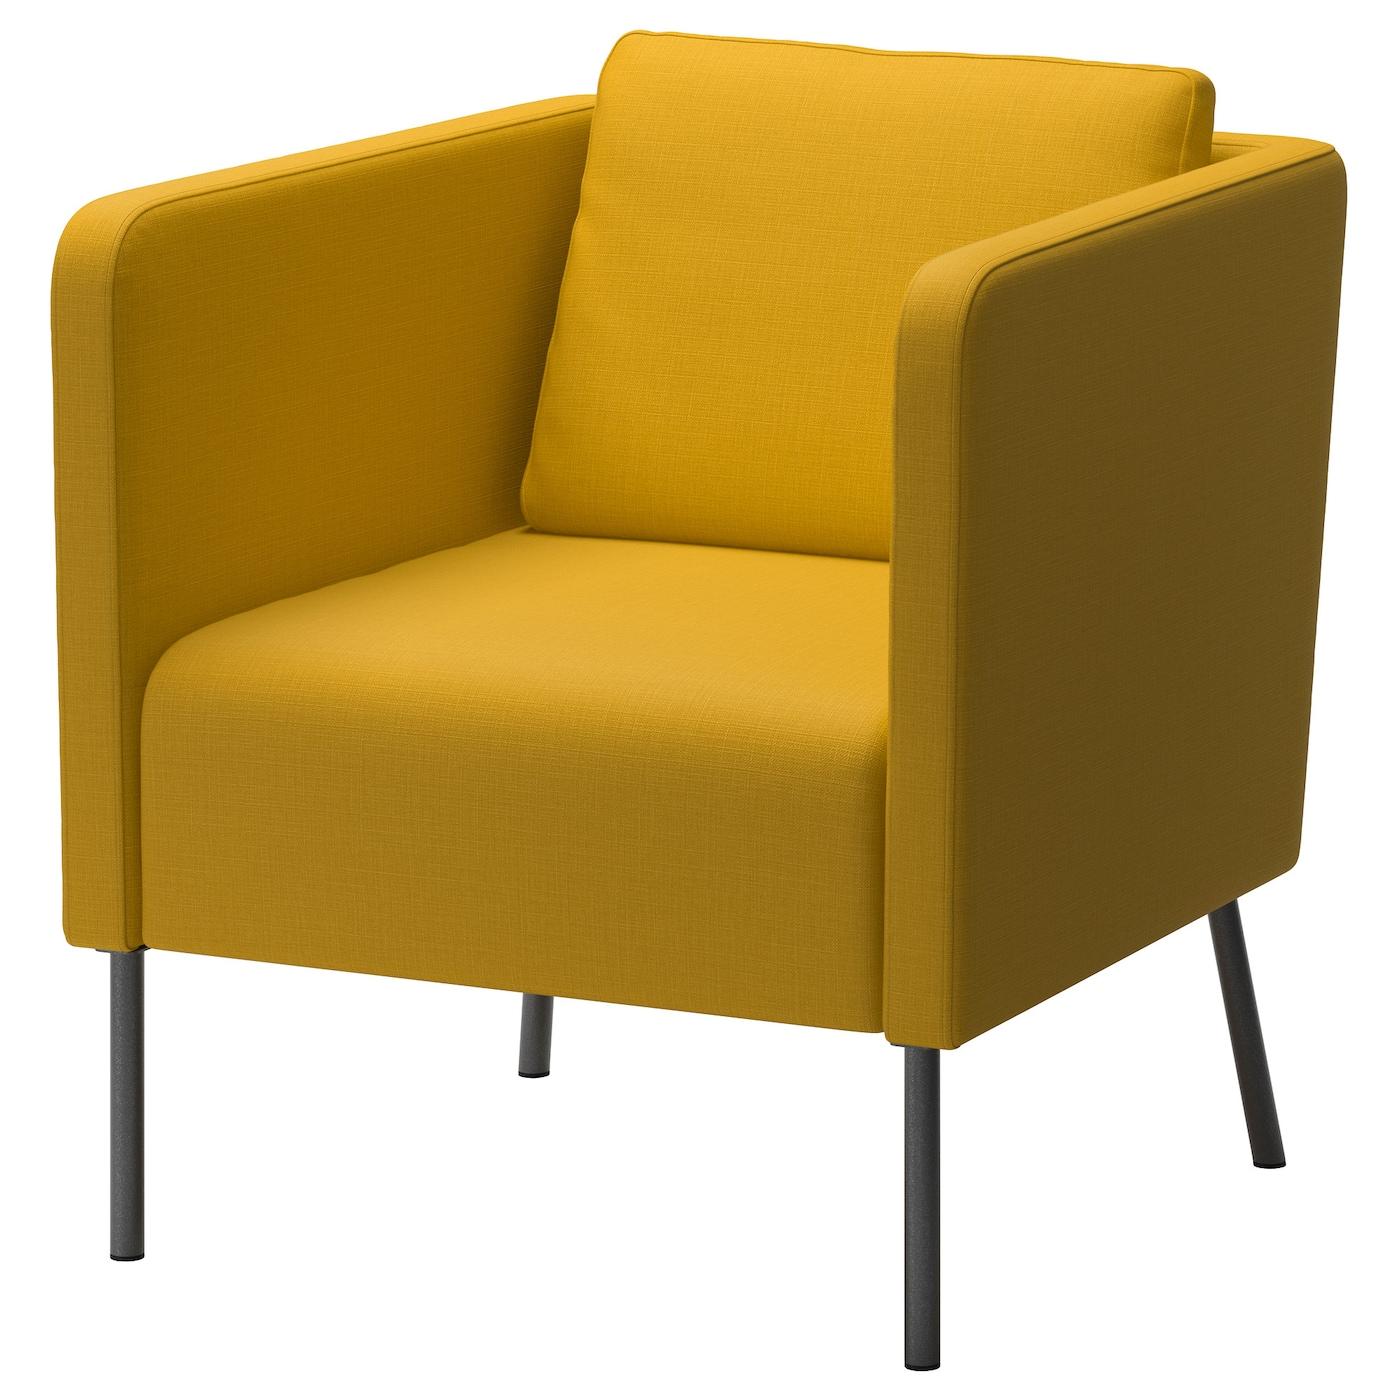 EKERÖ Armchair - Skiftebo yellow